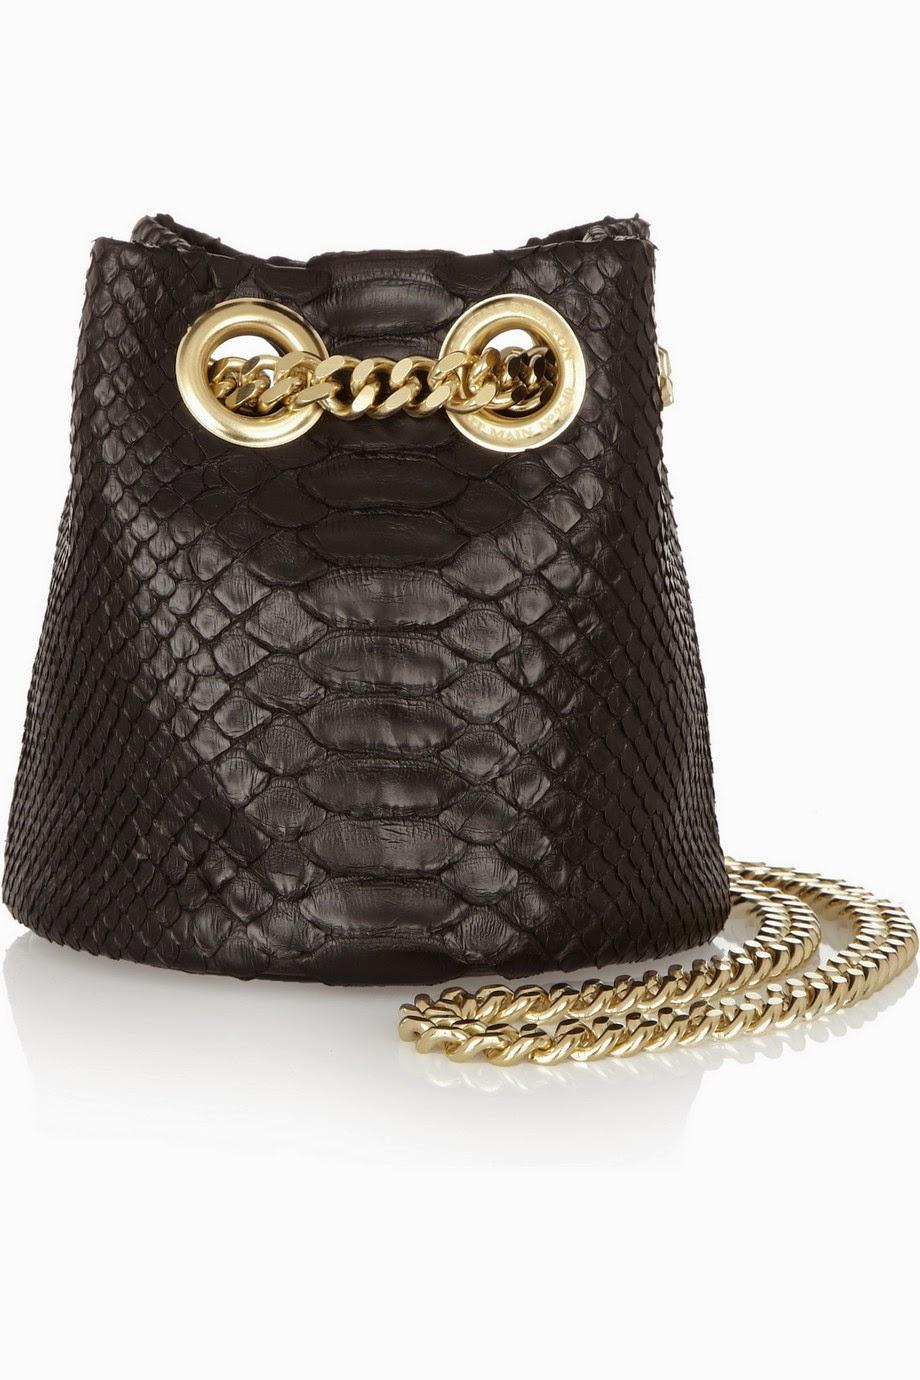 Net-a-Porter FINDS + Delphine Delafon python shoulder bag